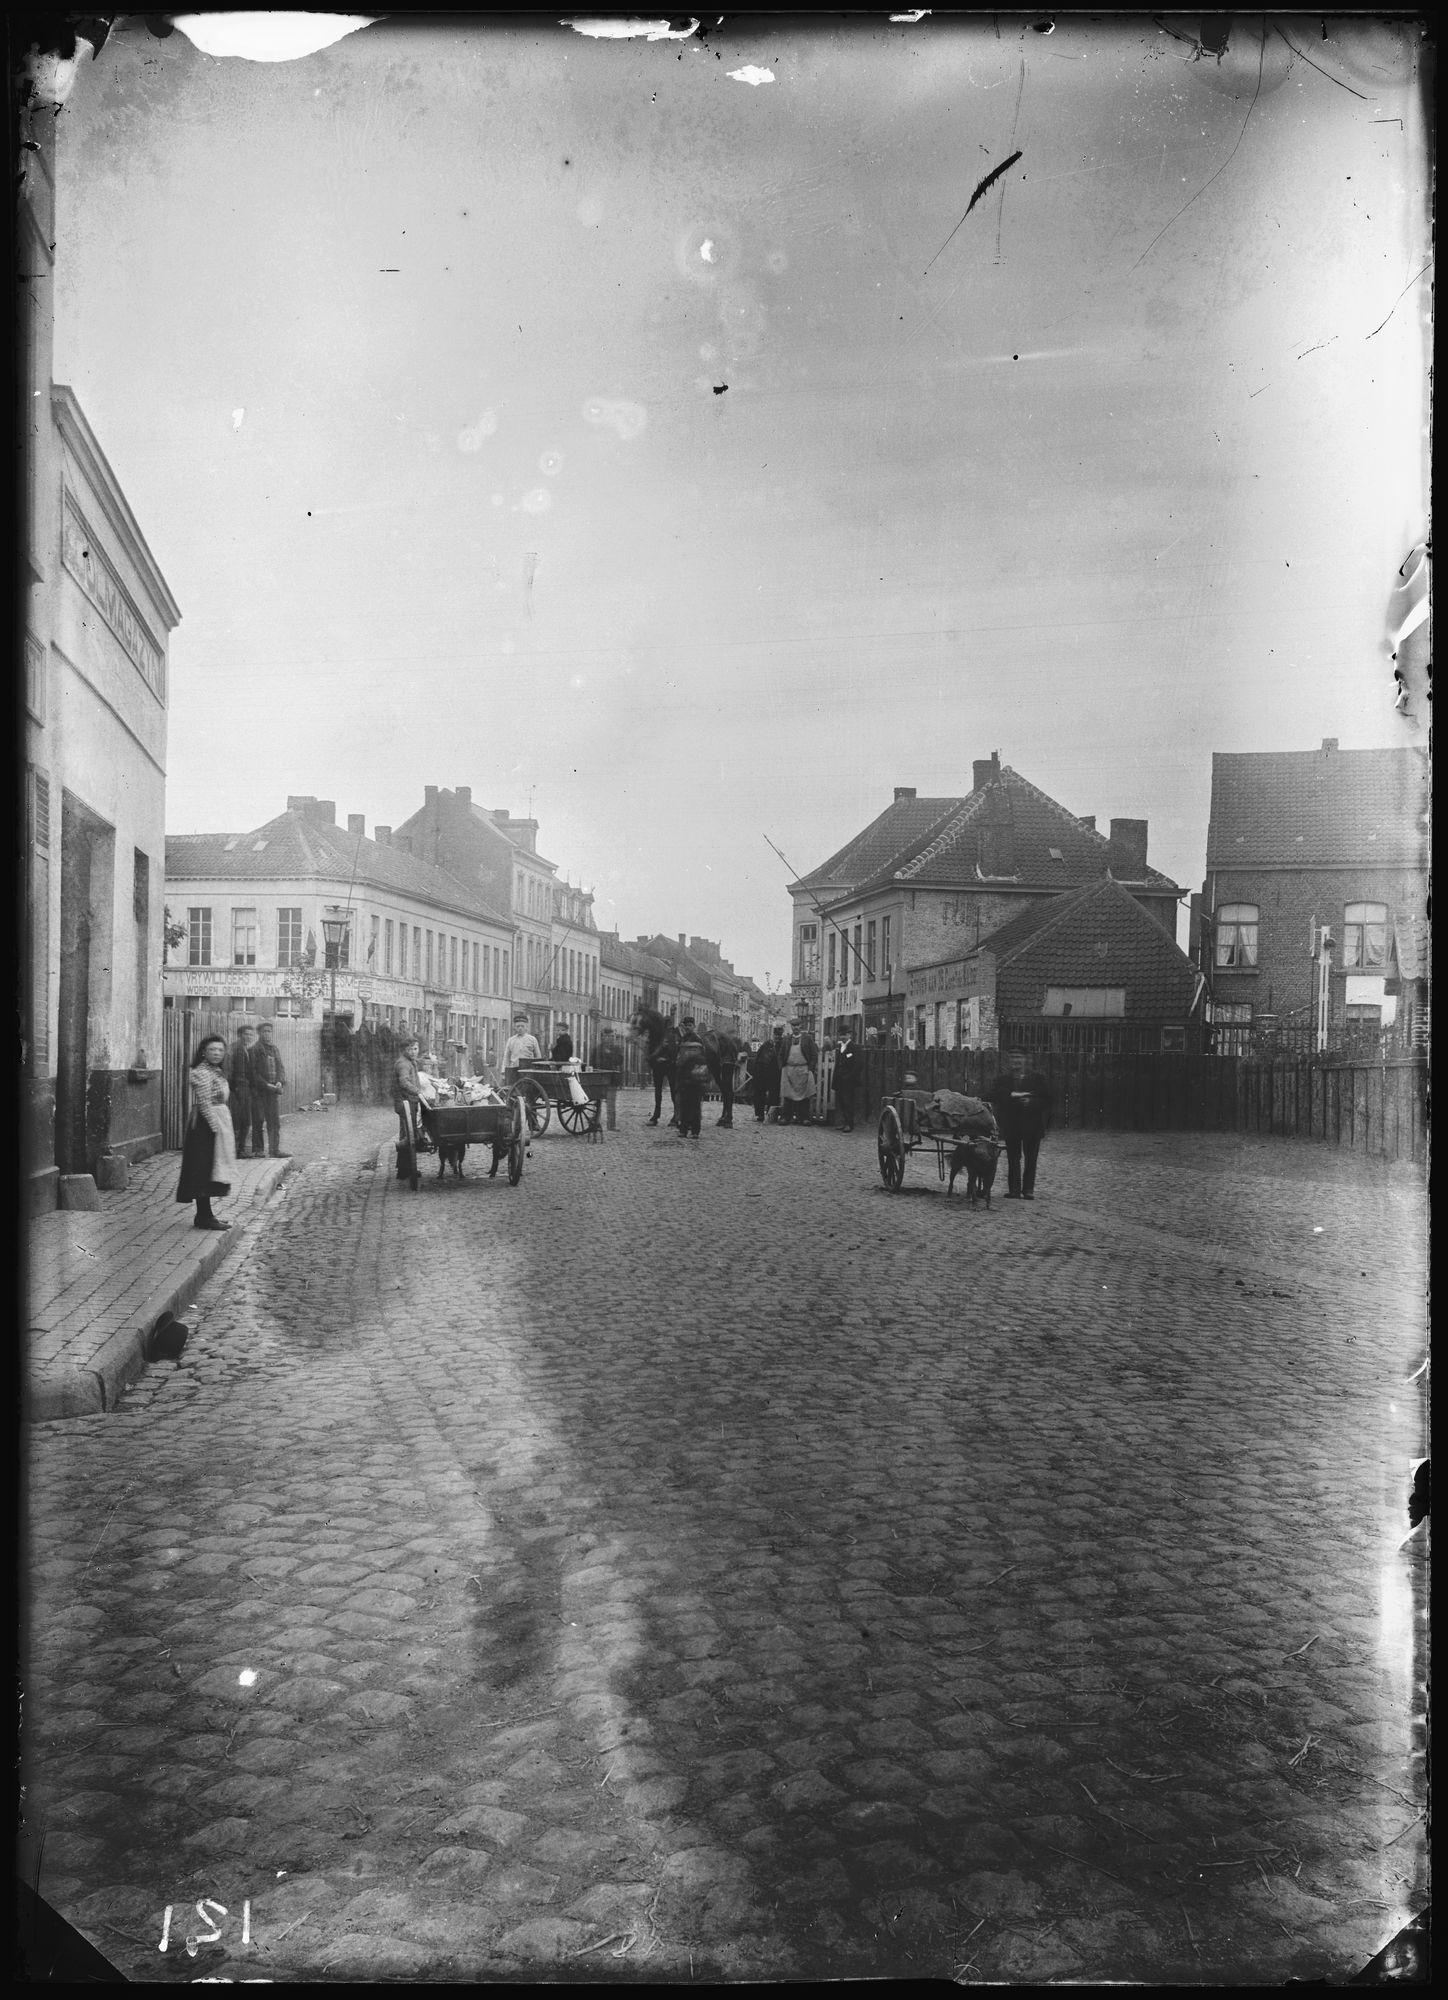 Zwevegemsestraat in 1905